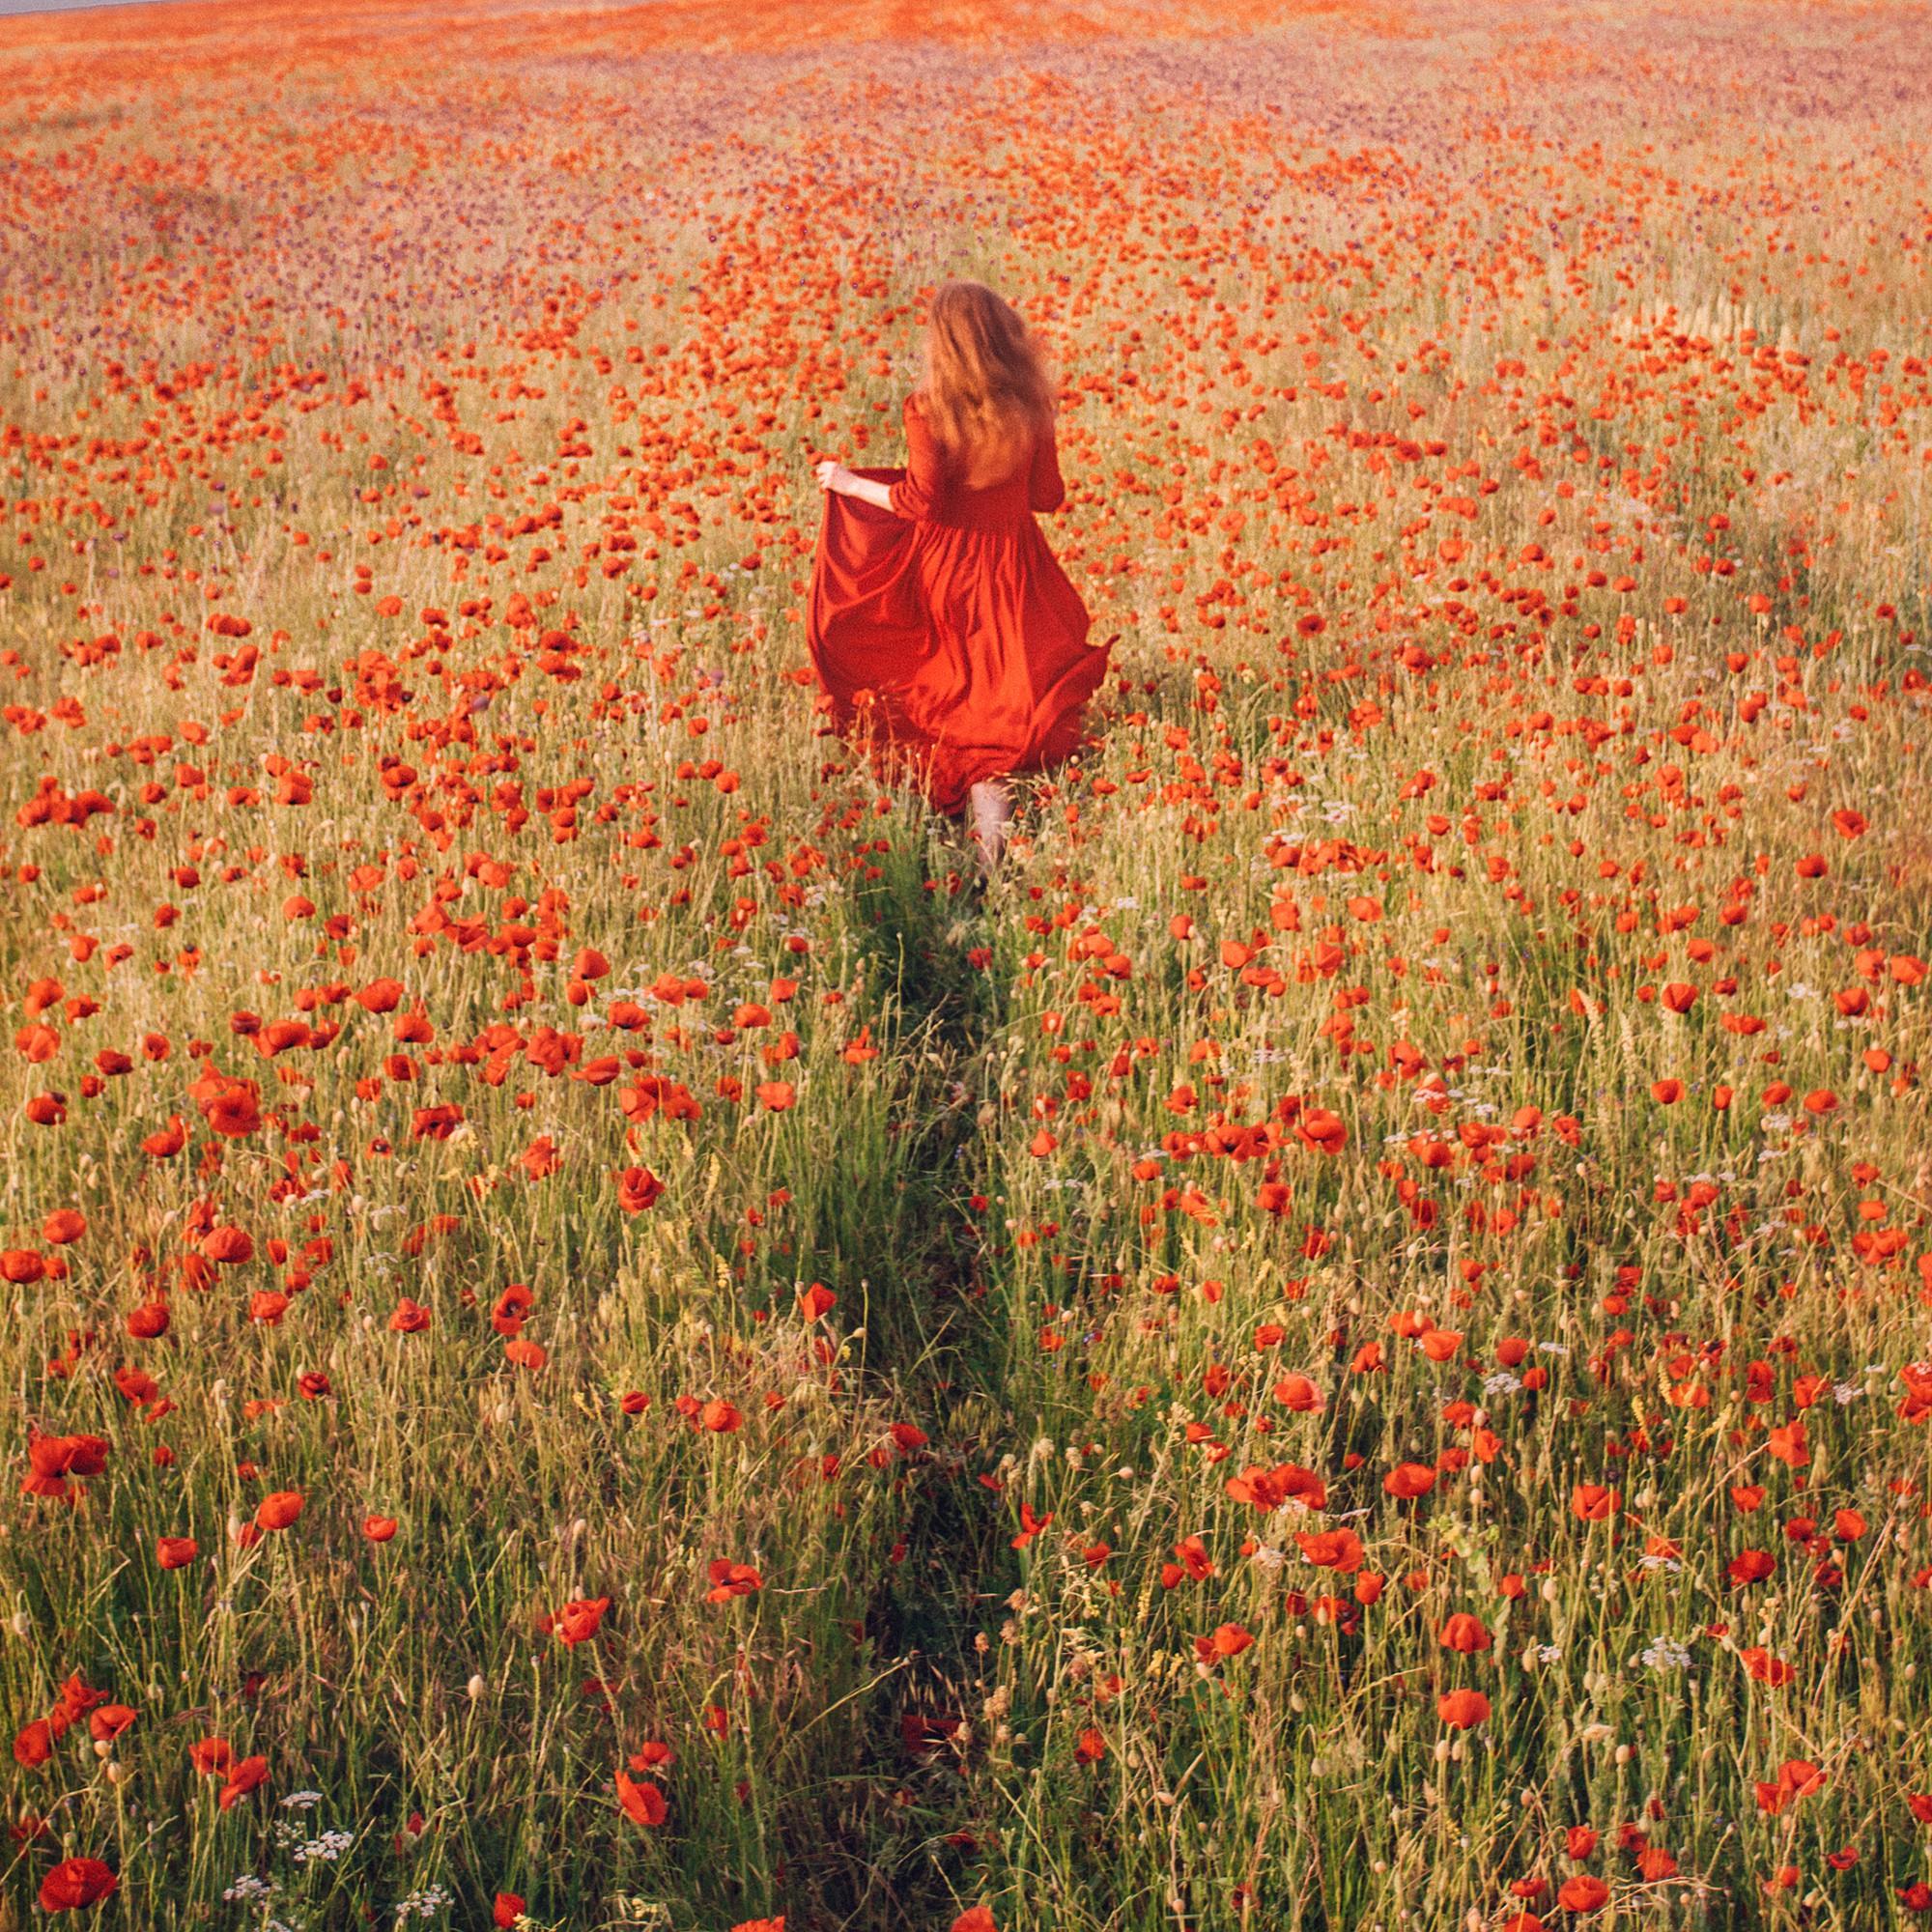 Кристина Макеева. Удивительные сказочные миры.